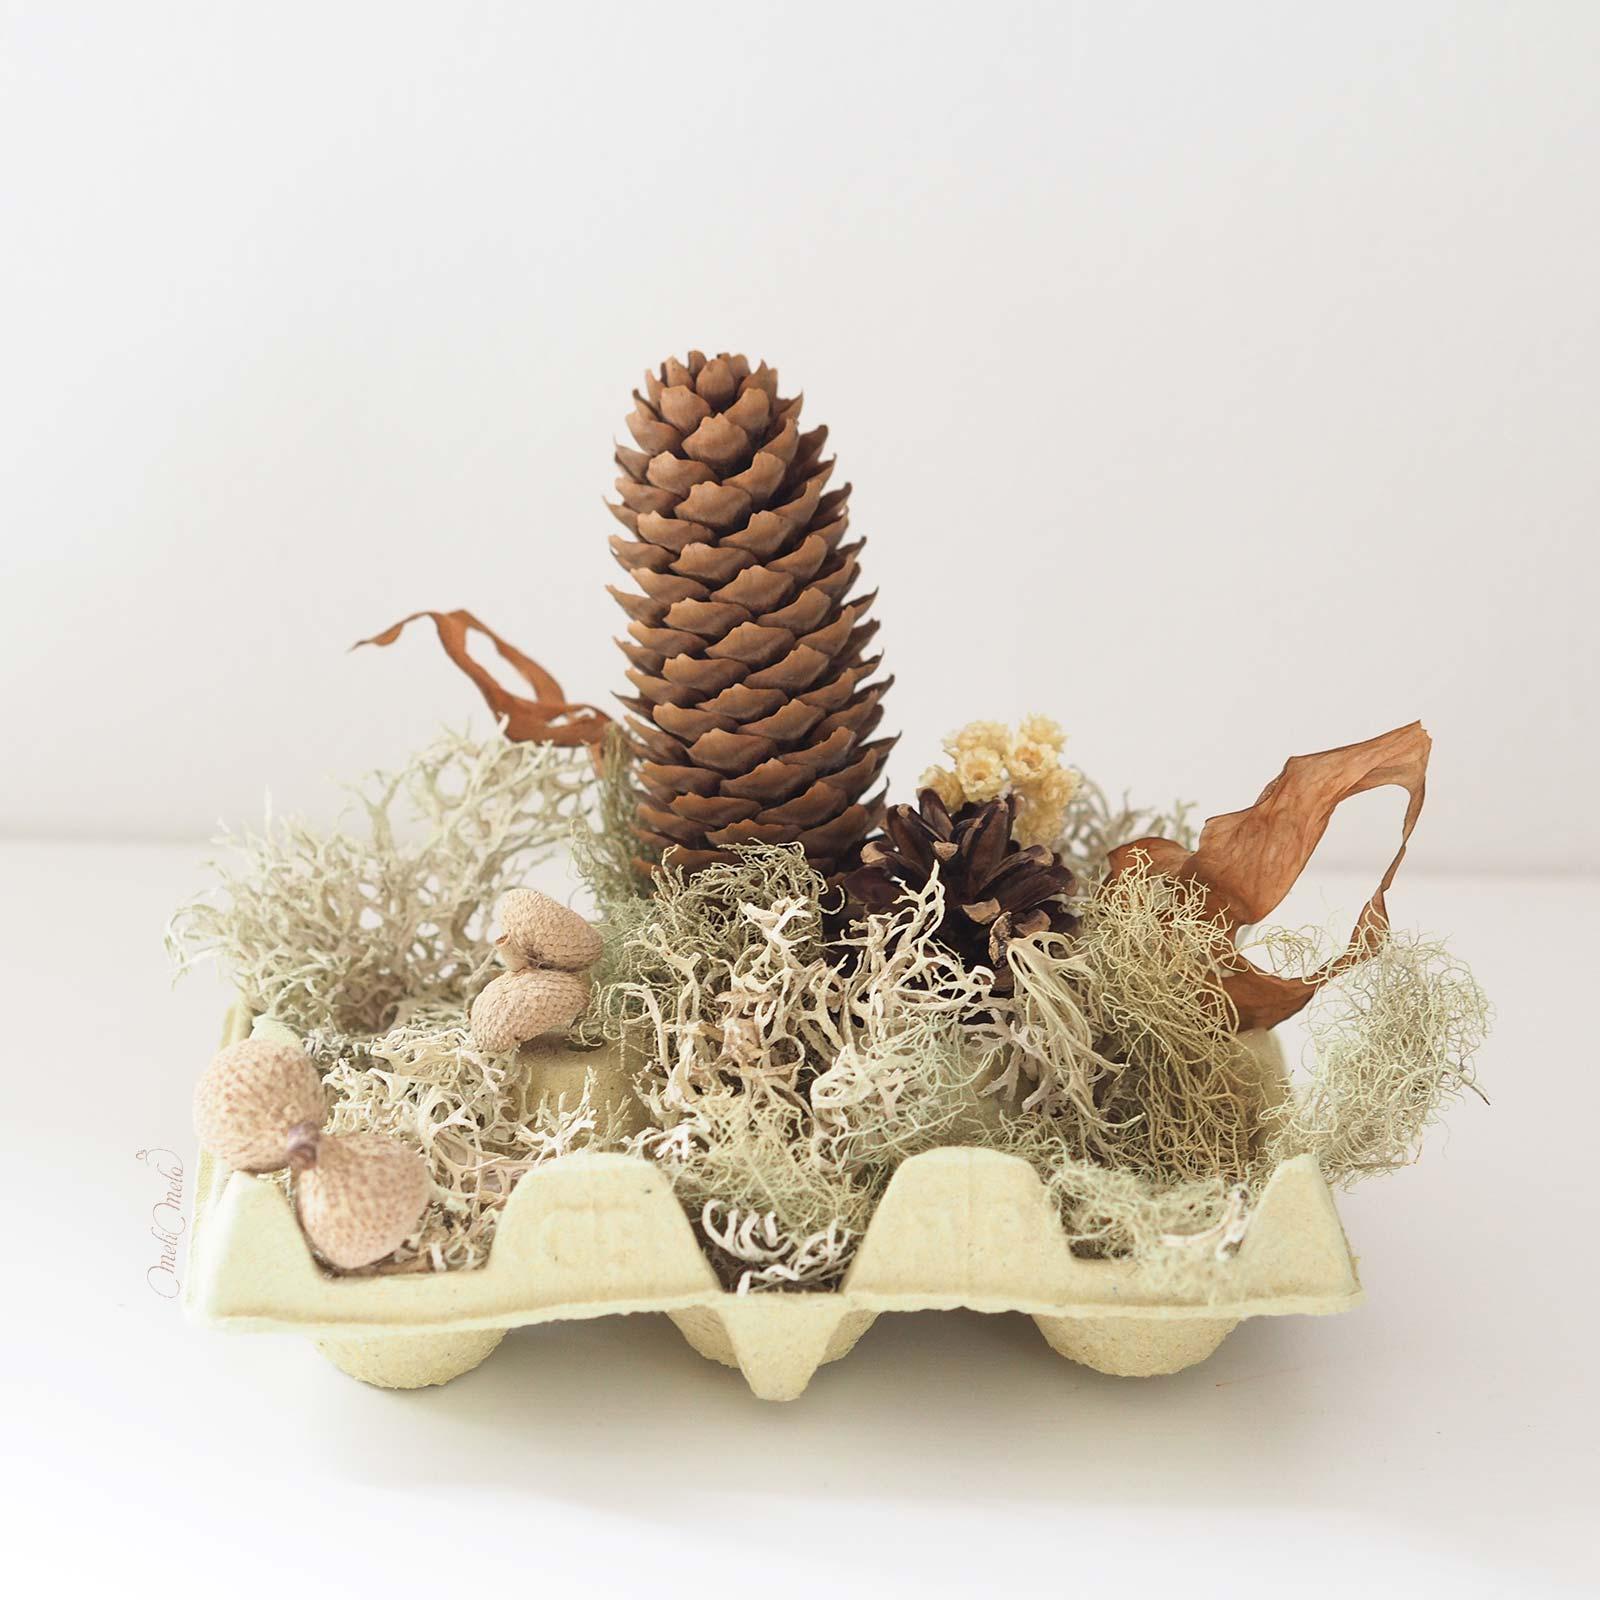 DIY-deco-automne-lichen-feuilles-fleurs-seches-boite-oeuf-laboutiquedemelimelo